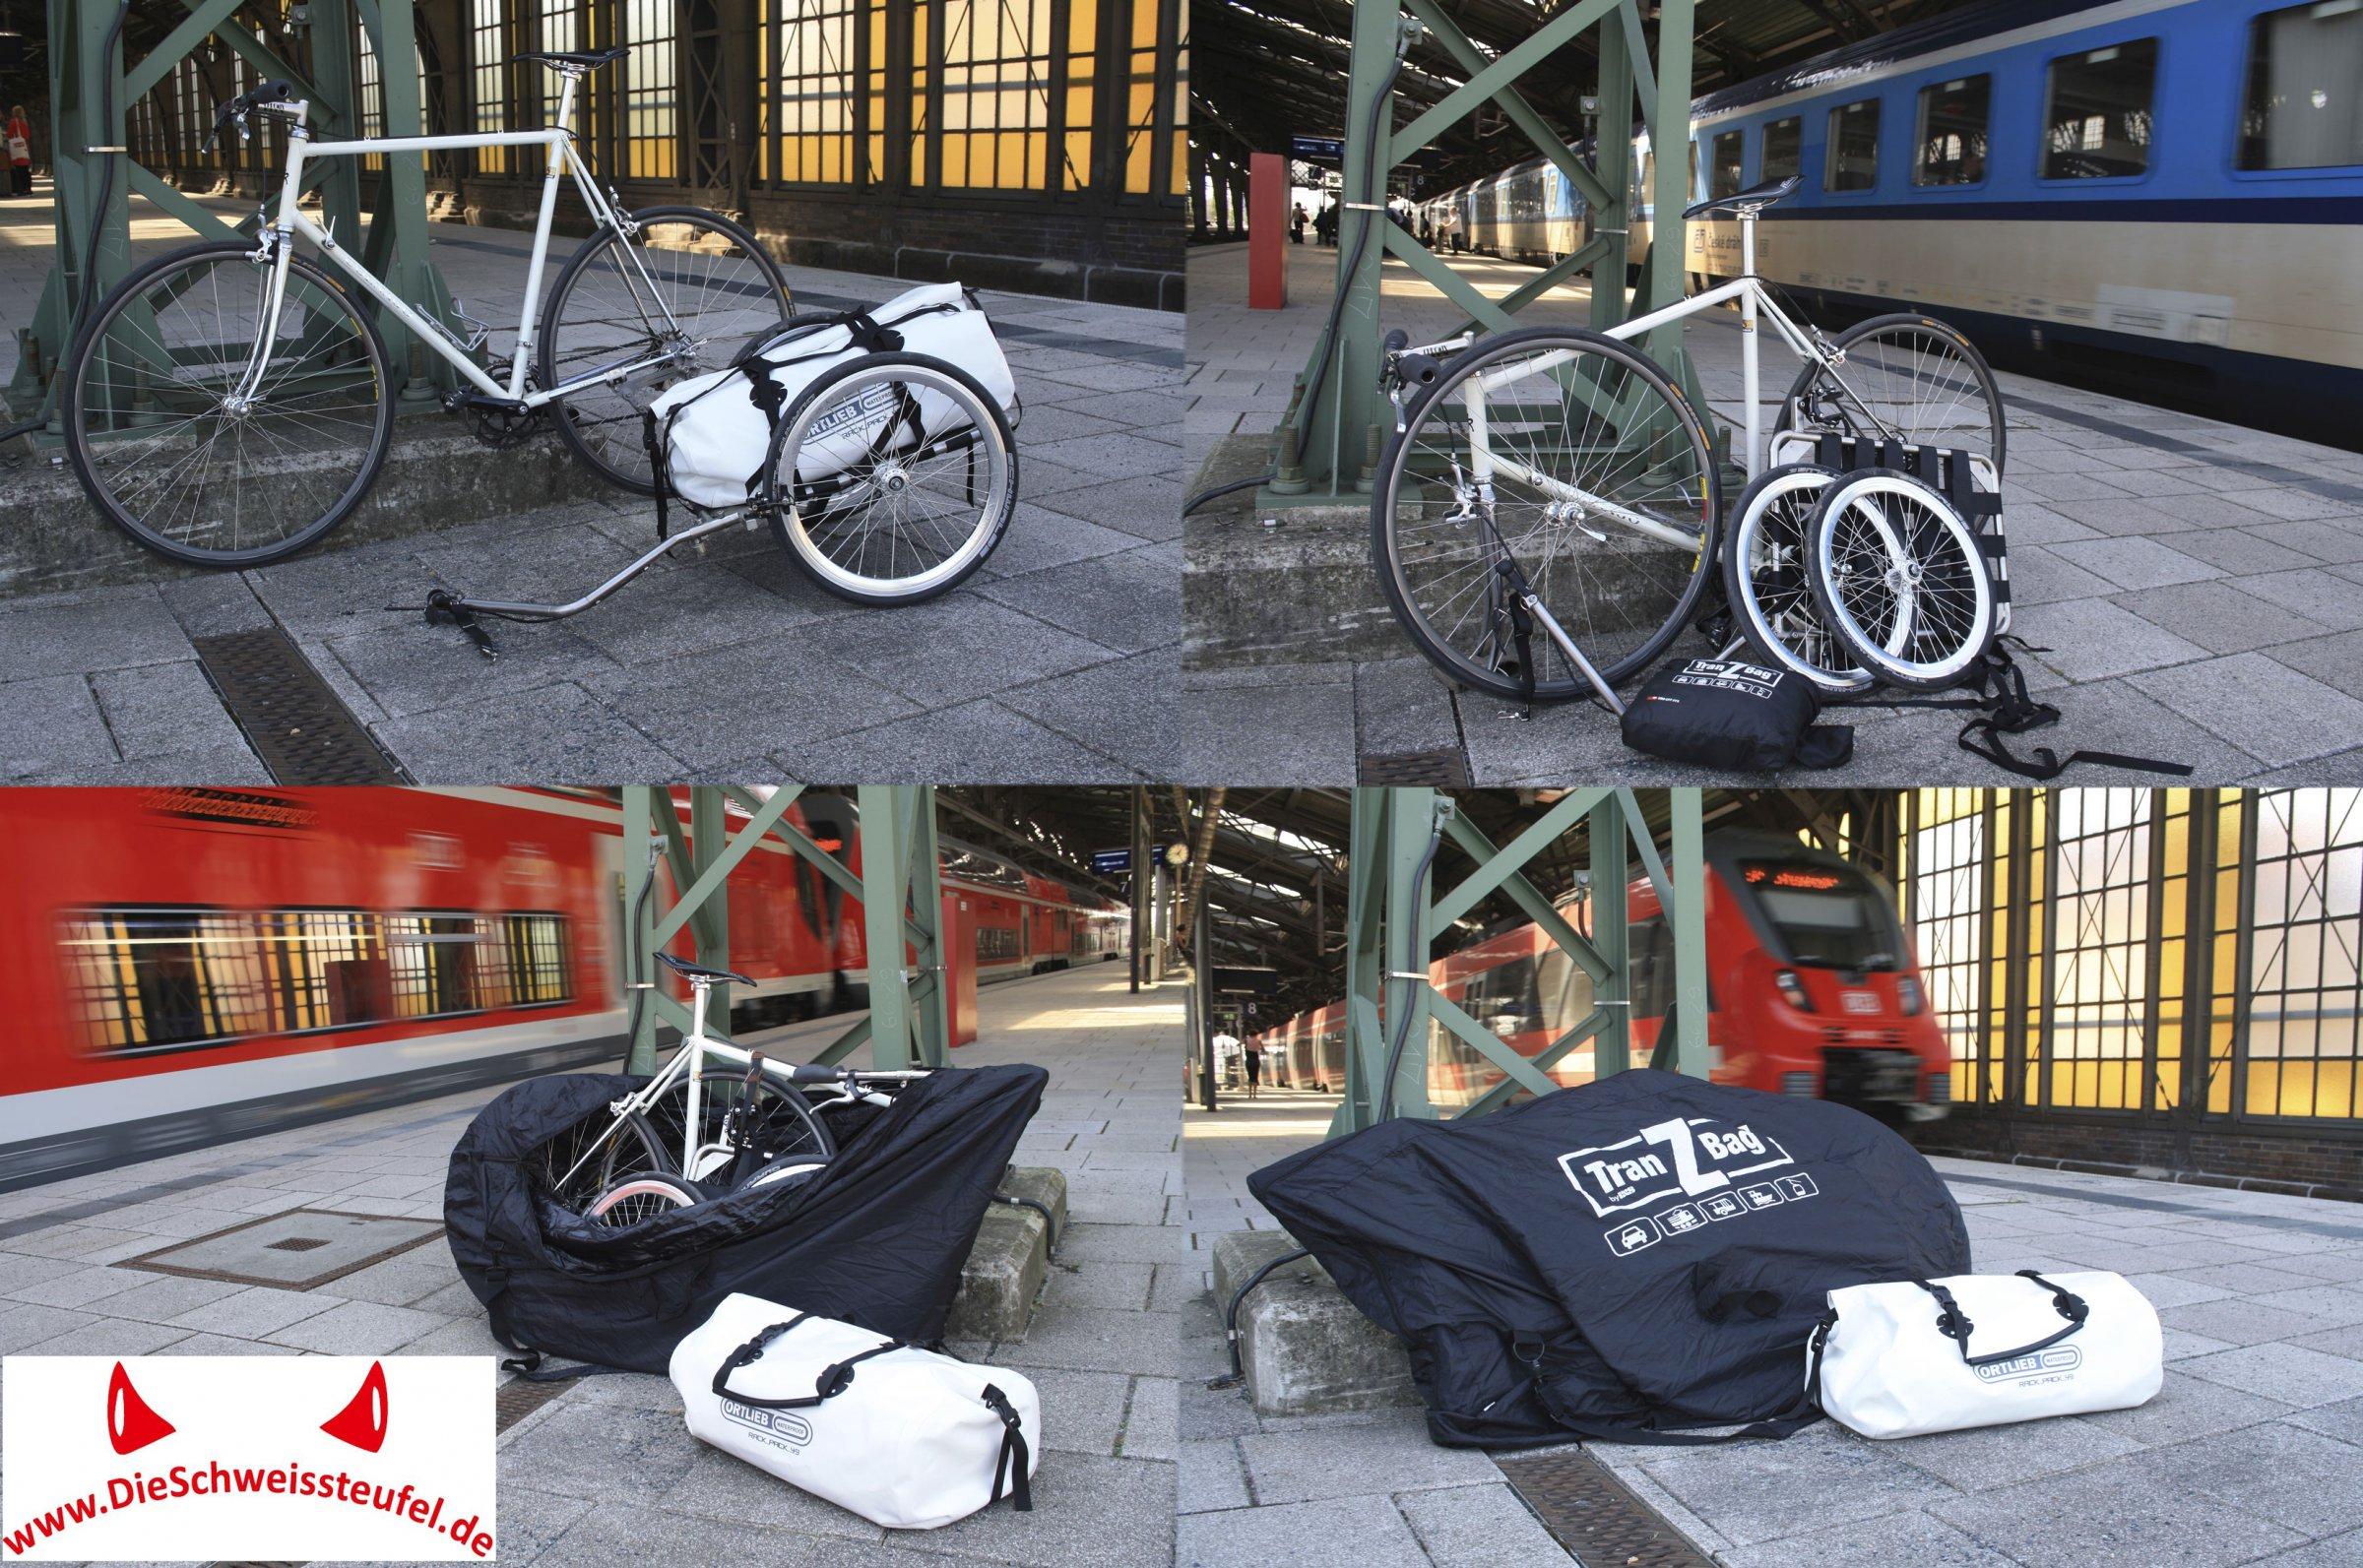 Rennrad und Anhänger – Rennanhänger, Urlaub mit der Bahn | Rennrad ...